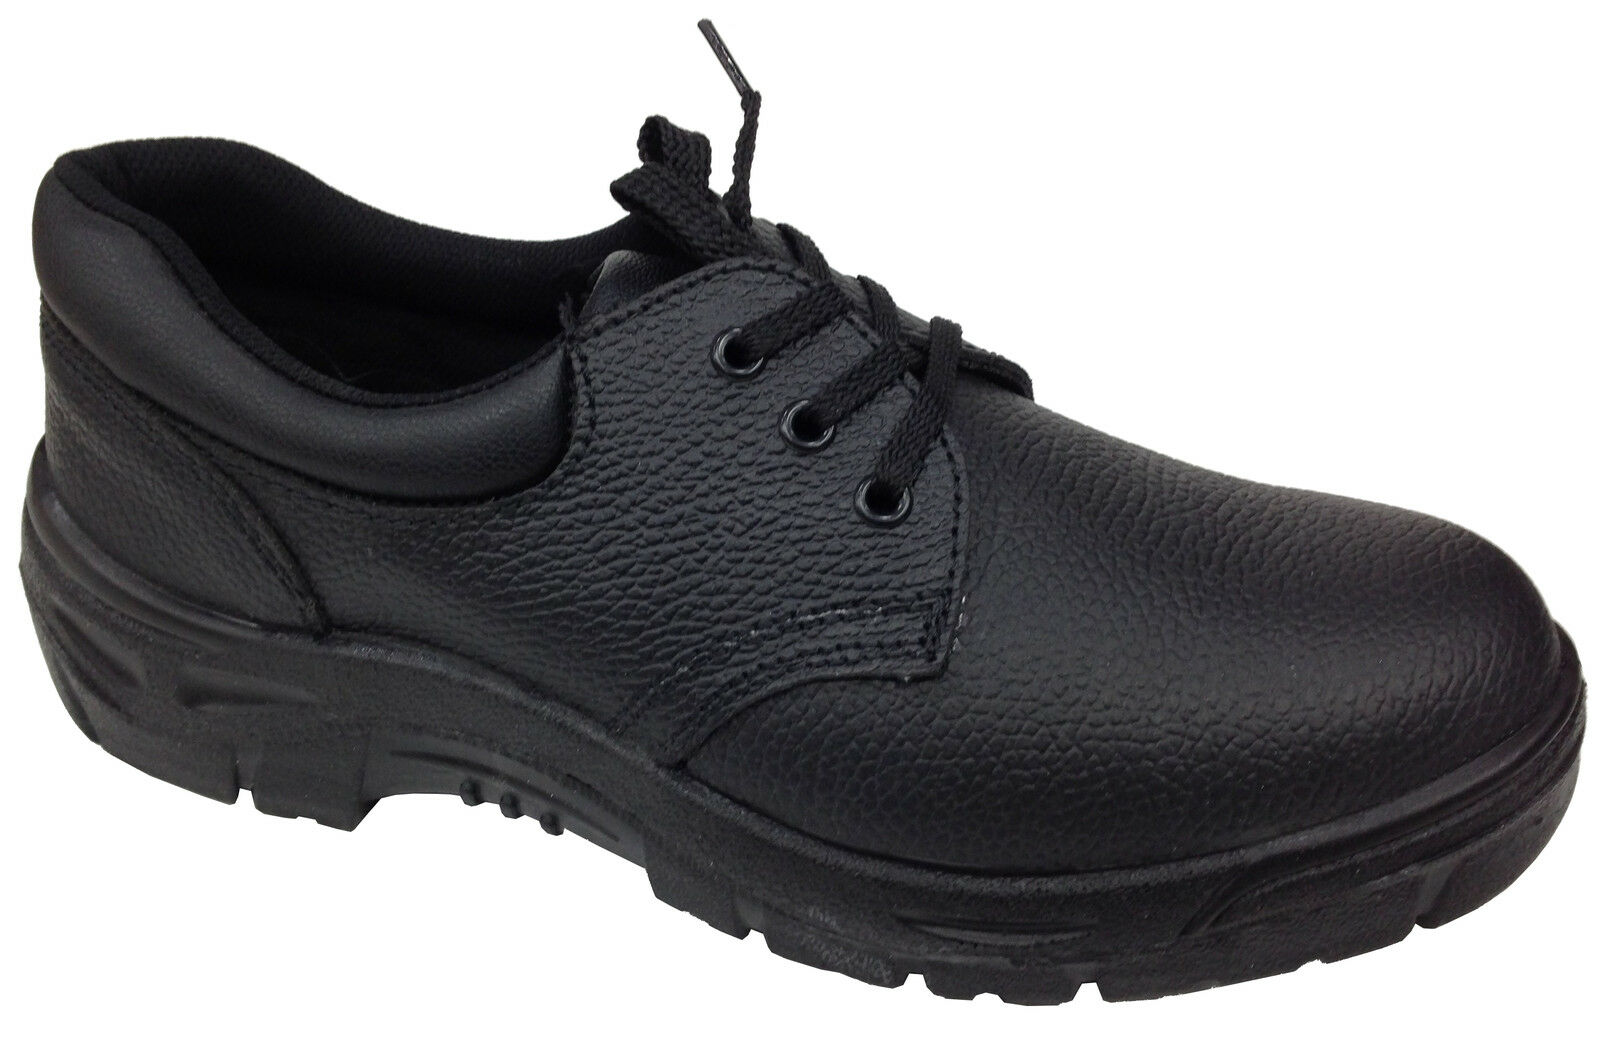 Nouveau Homme Cuir Véritable sécurité chaussures toe cap chaussures sécurité de travail anti choc antidérapante 0d00ce